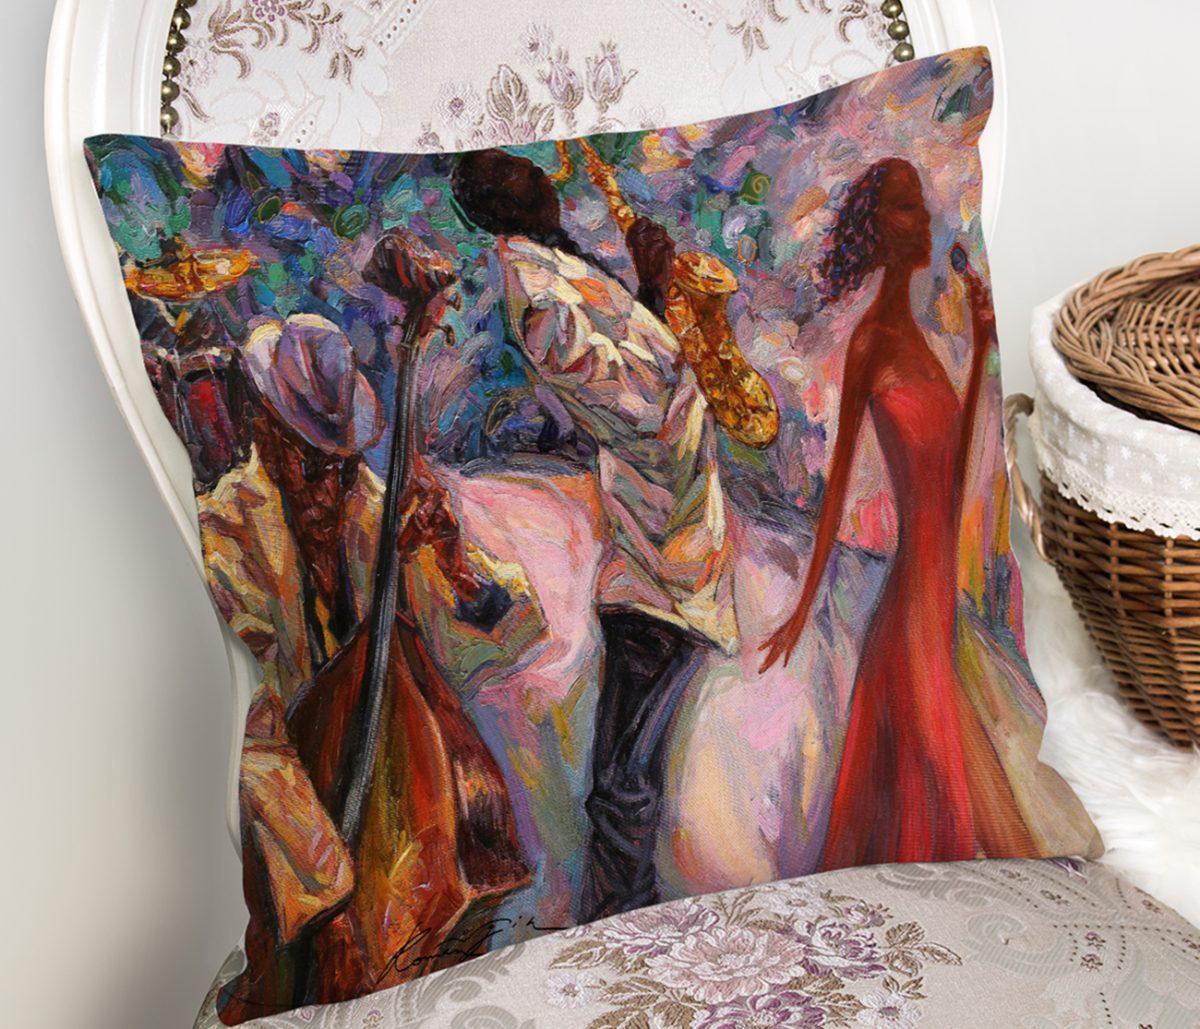 Yağlı Boya Çizimli Kadın Motifli Modern Kırlent Kılıfı Realhomes